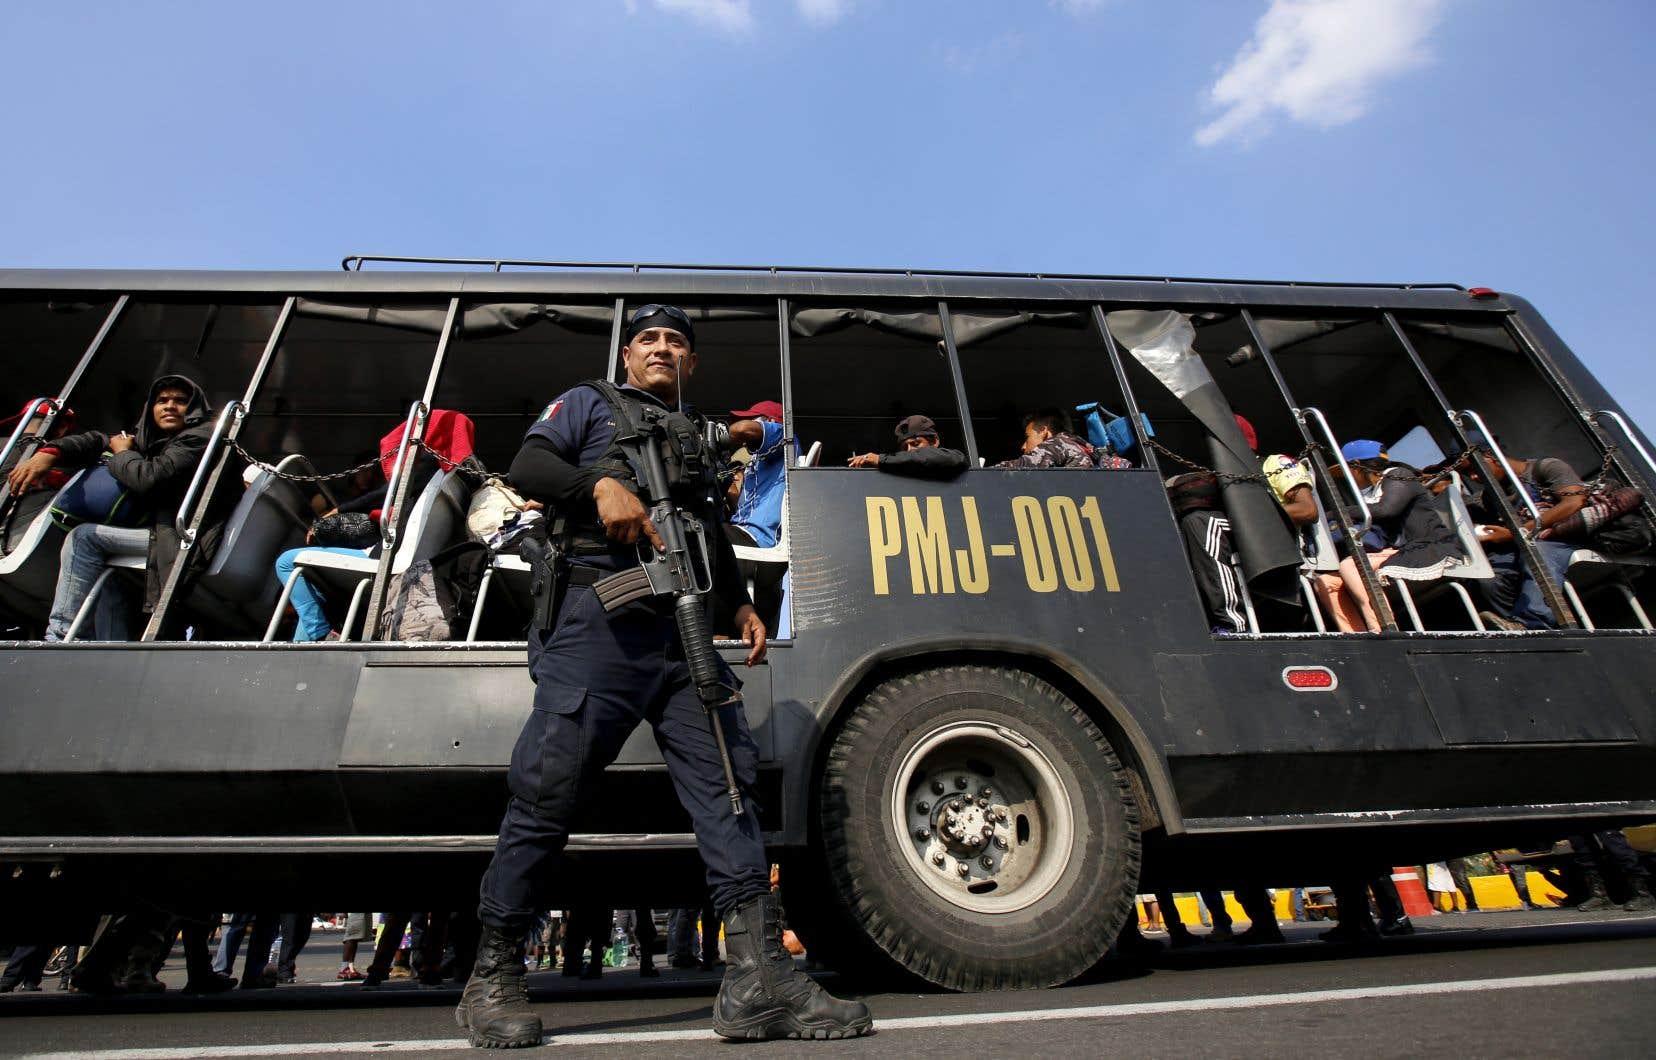 La police de l'État de Mexico et des groupes de défense des droits de la personne ont aidé hommes, femmes et enfants à monter dans des dix-huit roues, en plus de demander aux autobus et camions qui passaient s'ils pouvaient prendre des migrants à leur bord.